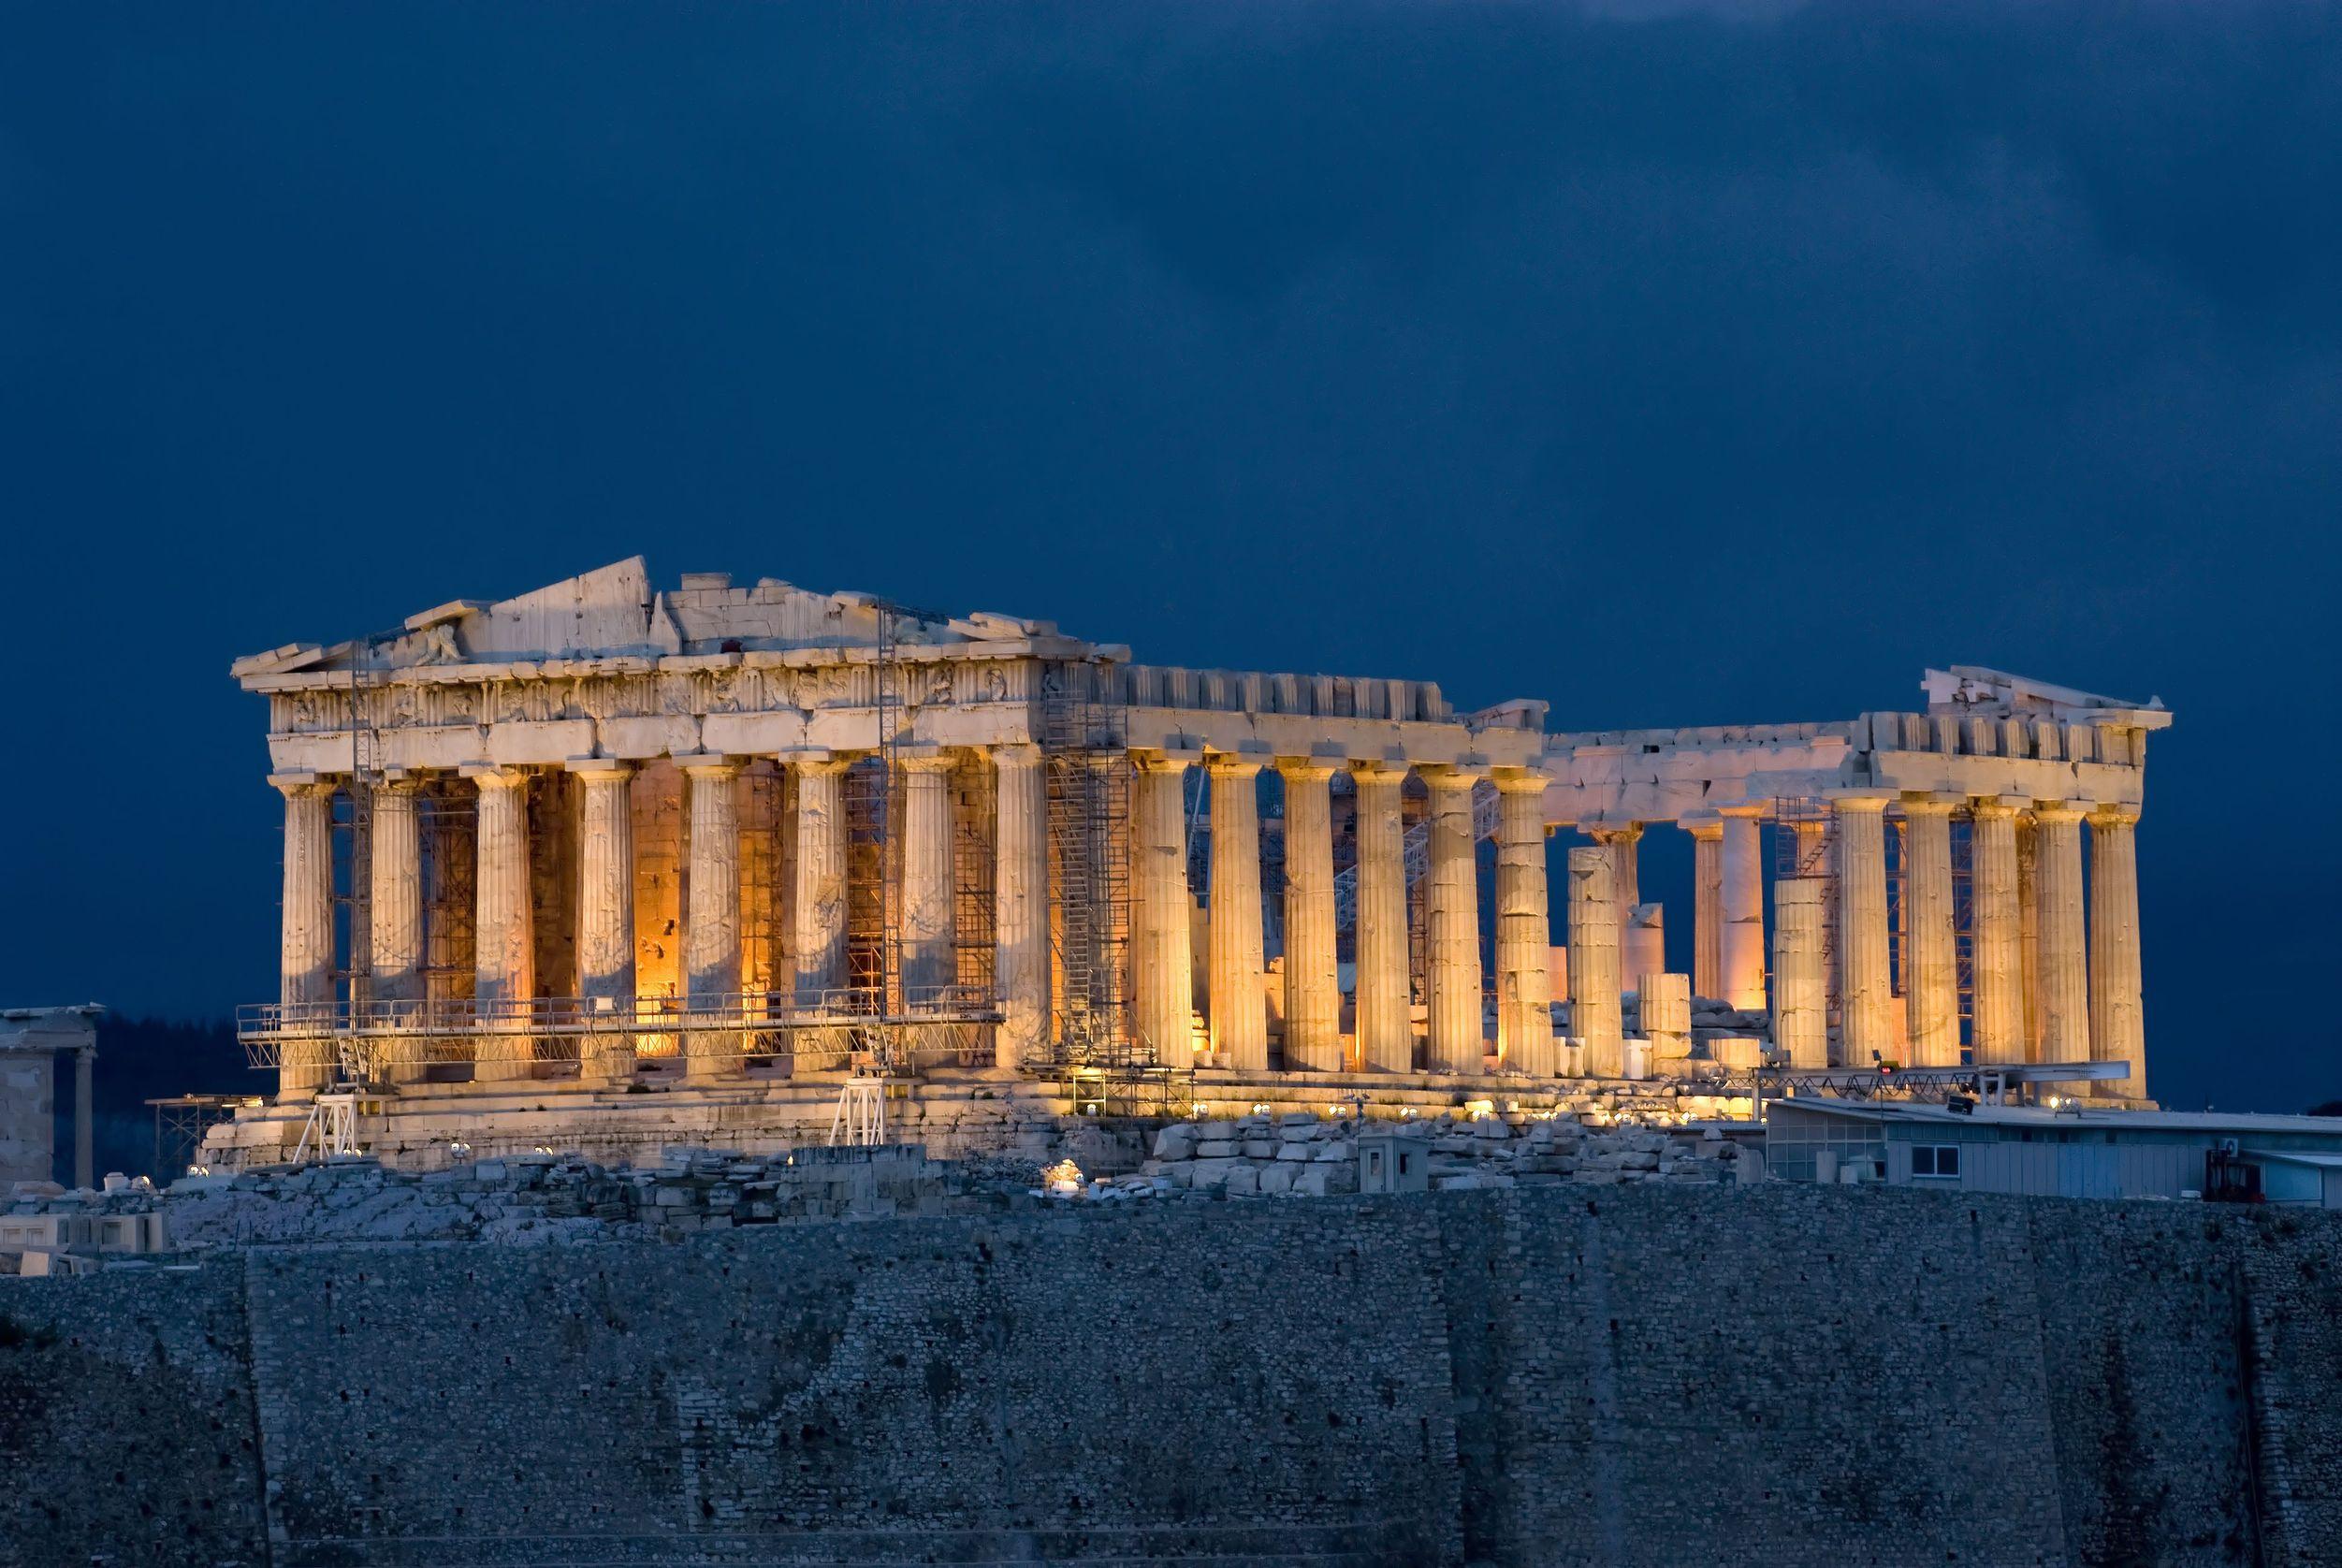 Acropolis Parthenon, Byzantine Athens, Greece